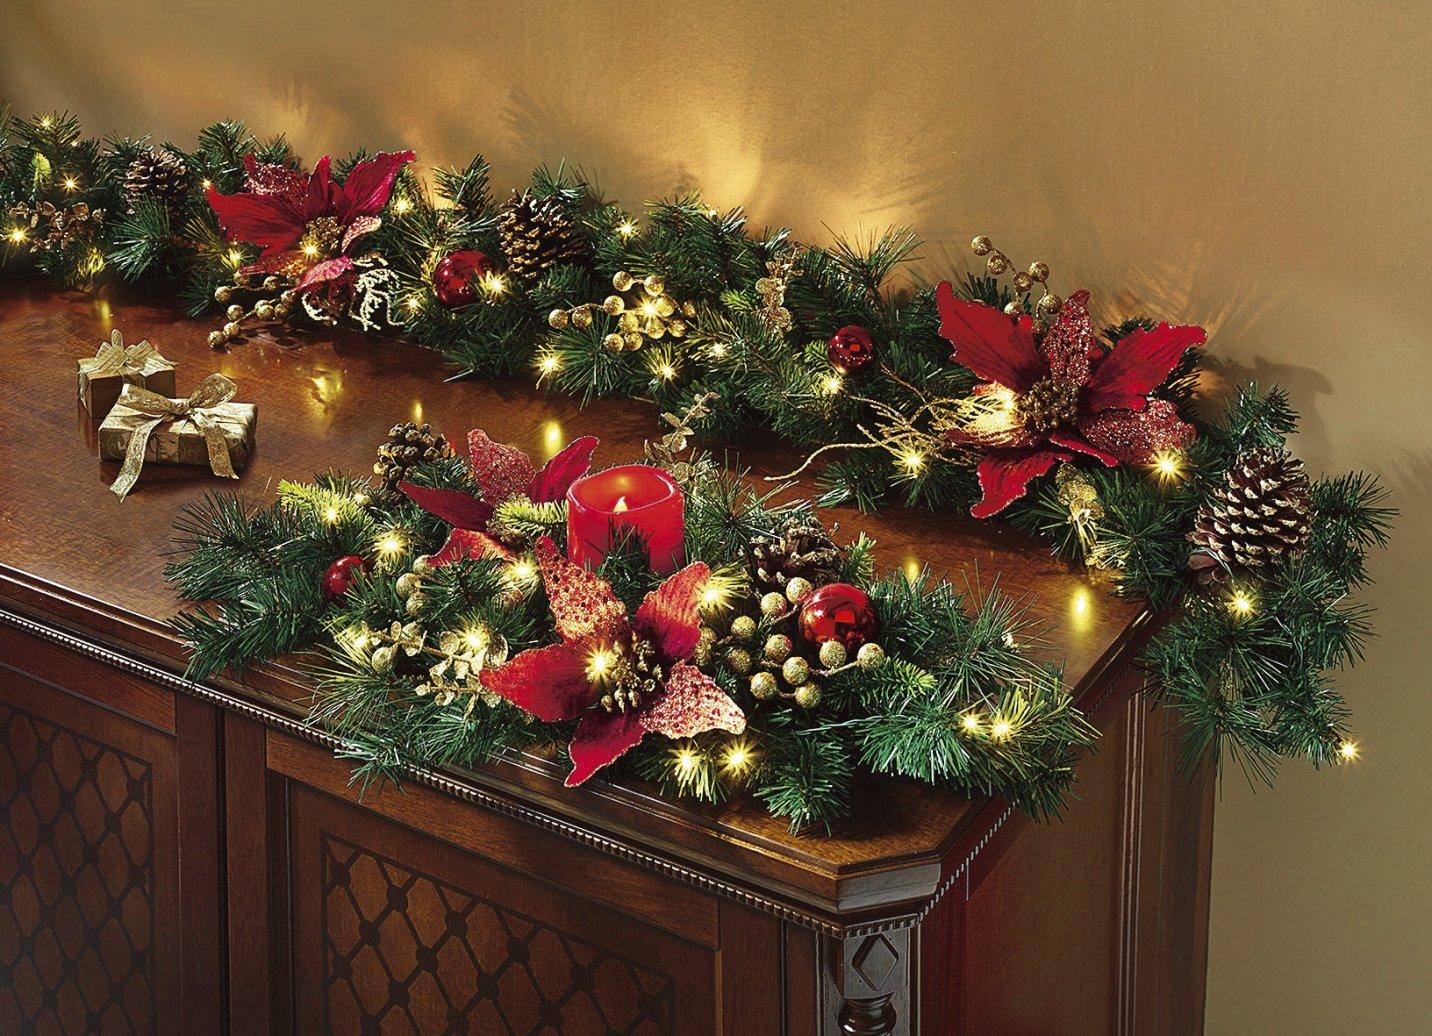 Beleuchtete Bilder Weihnachten.Beleuchtete Tannengirlande Rot Girlande Weihnachten Dekoration